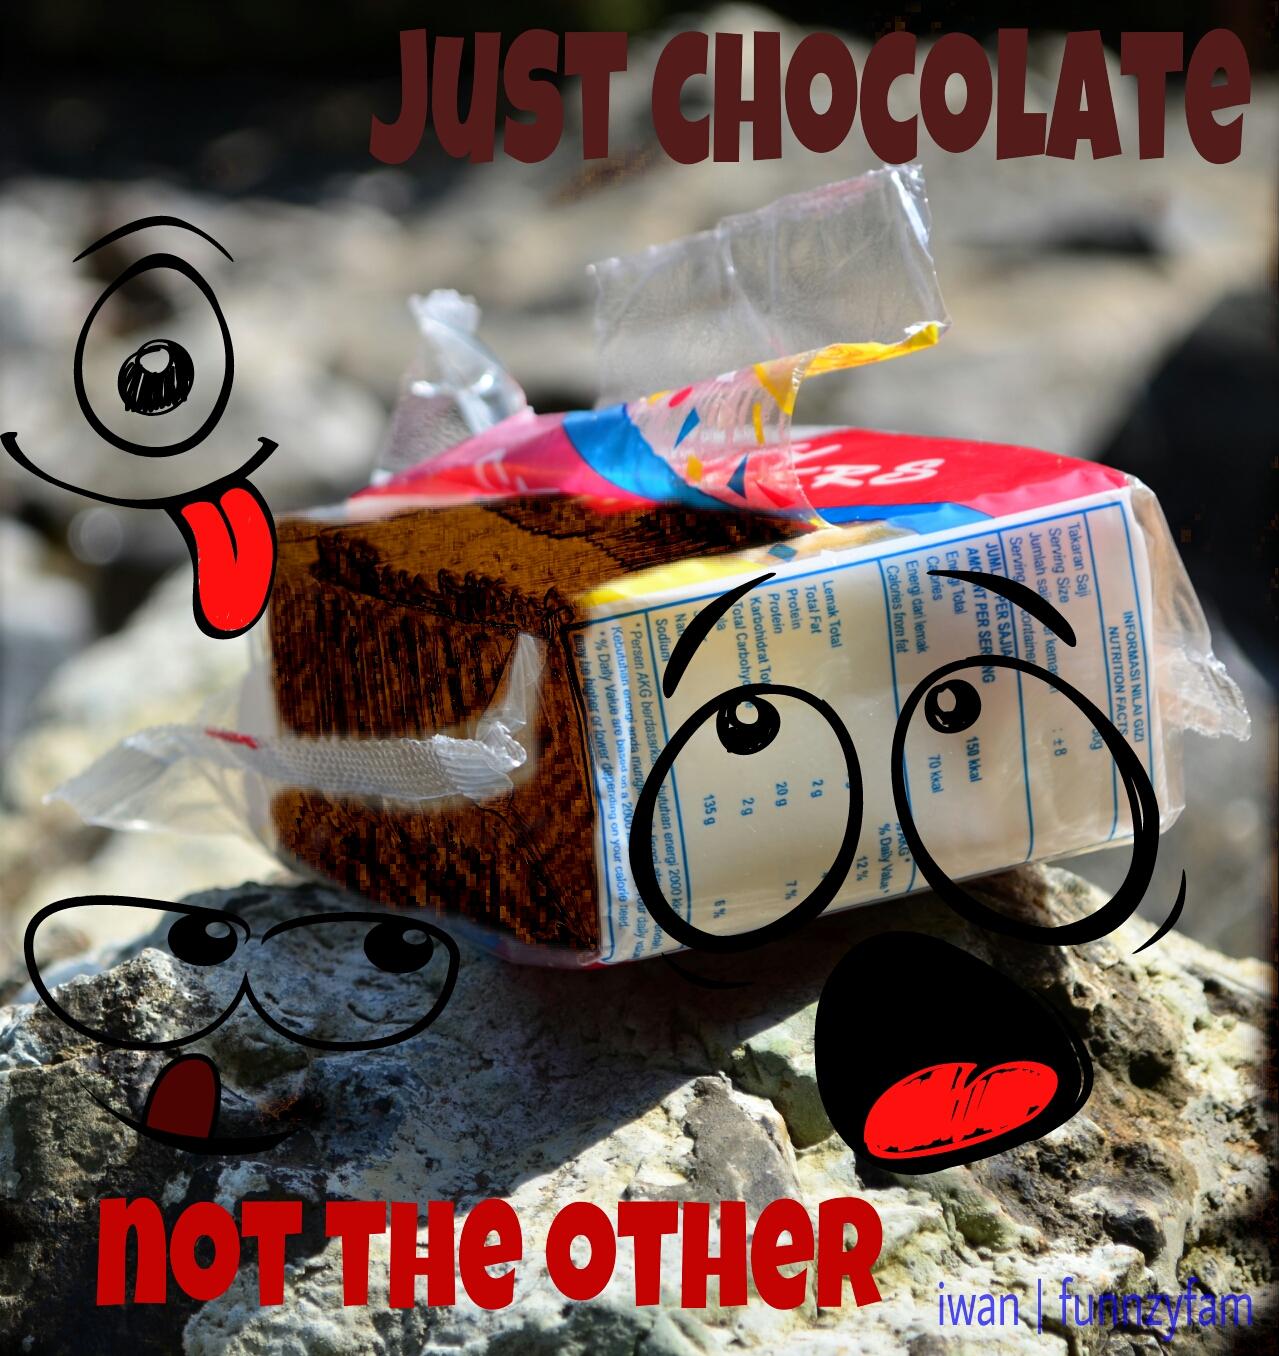 chocolate ad graphic design